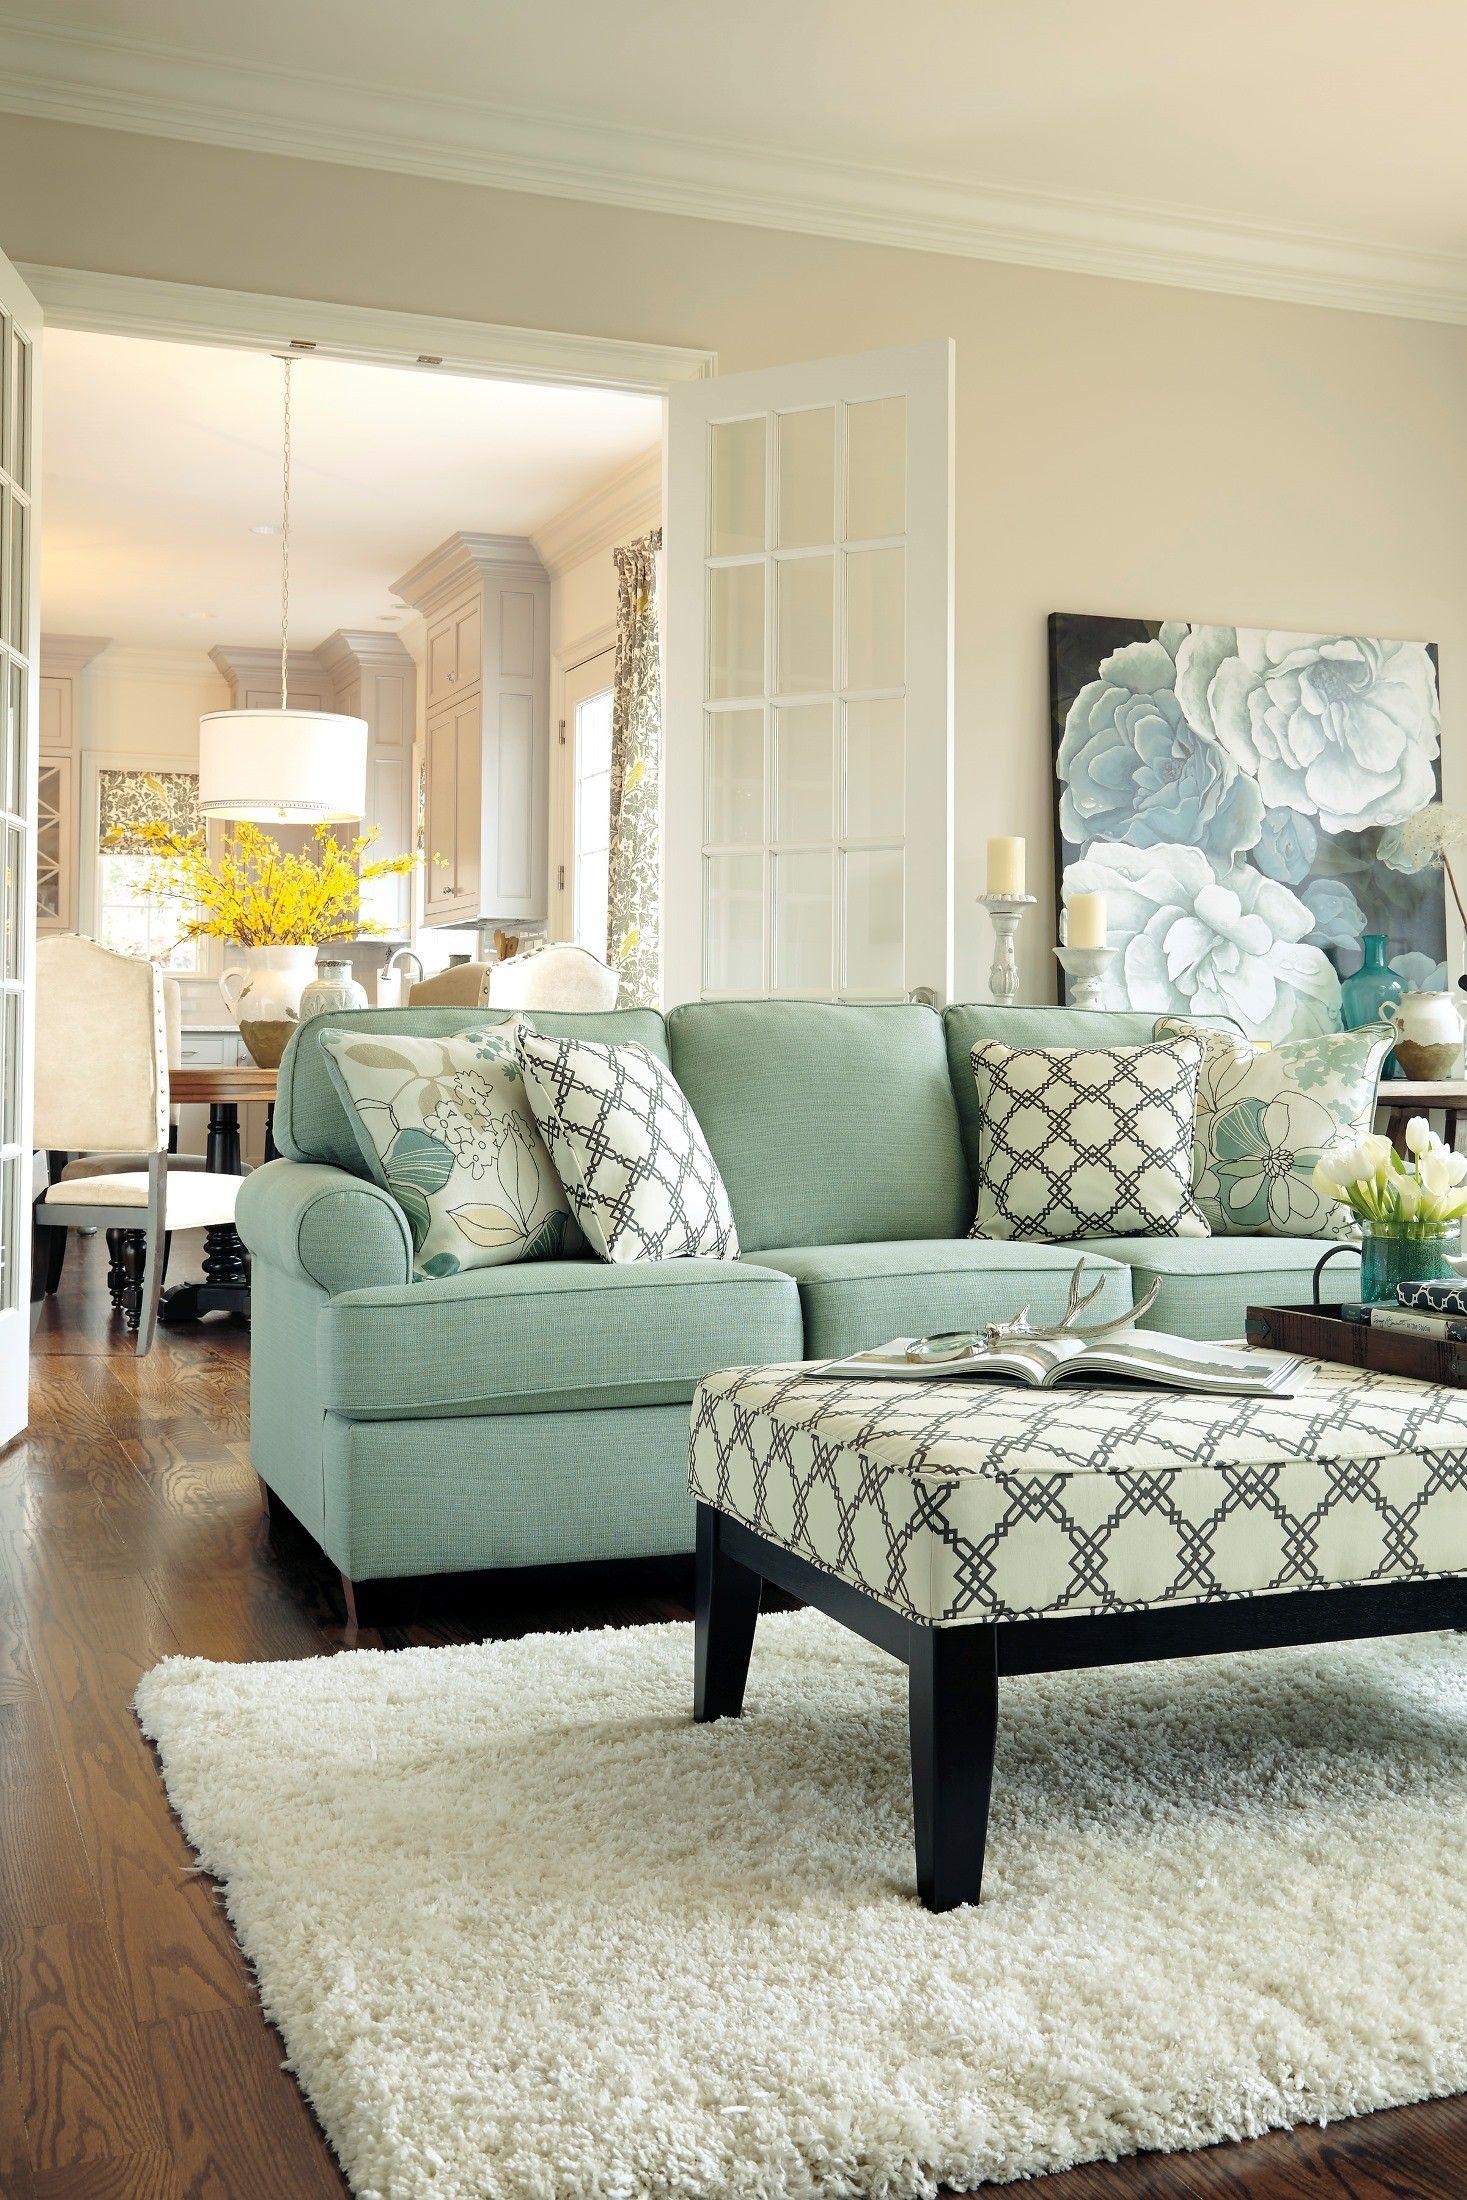 Daystar Sofa, ASL-2820038, Ashley Furniture | nesting coastal french ...